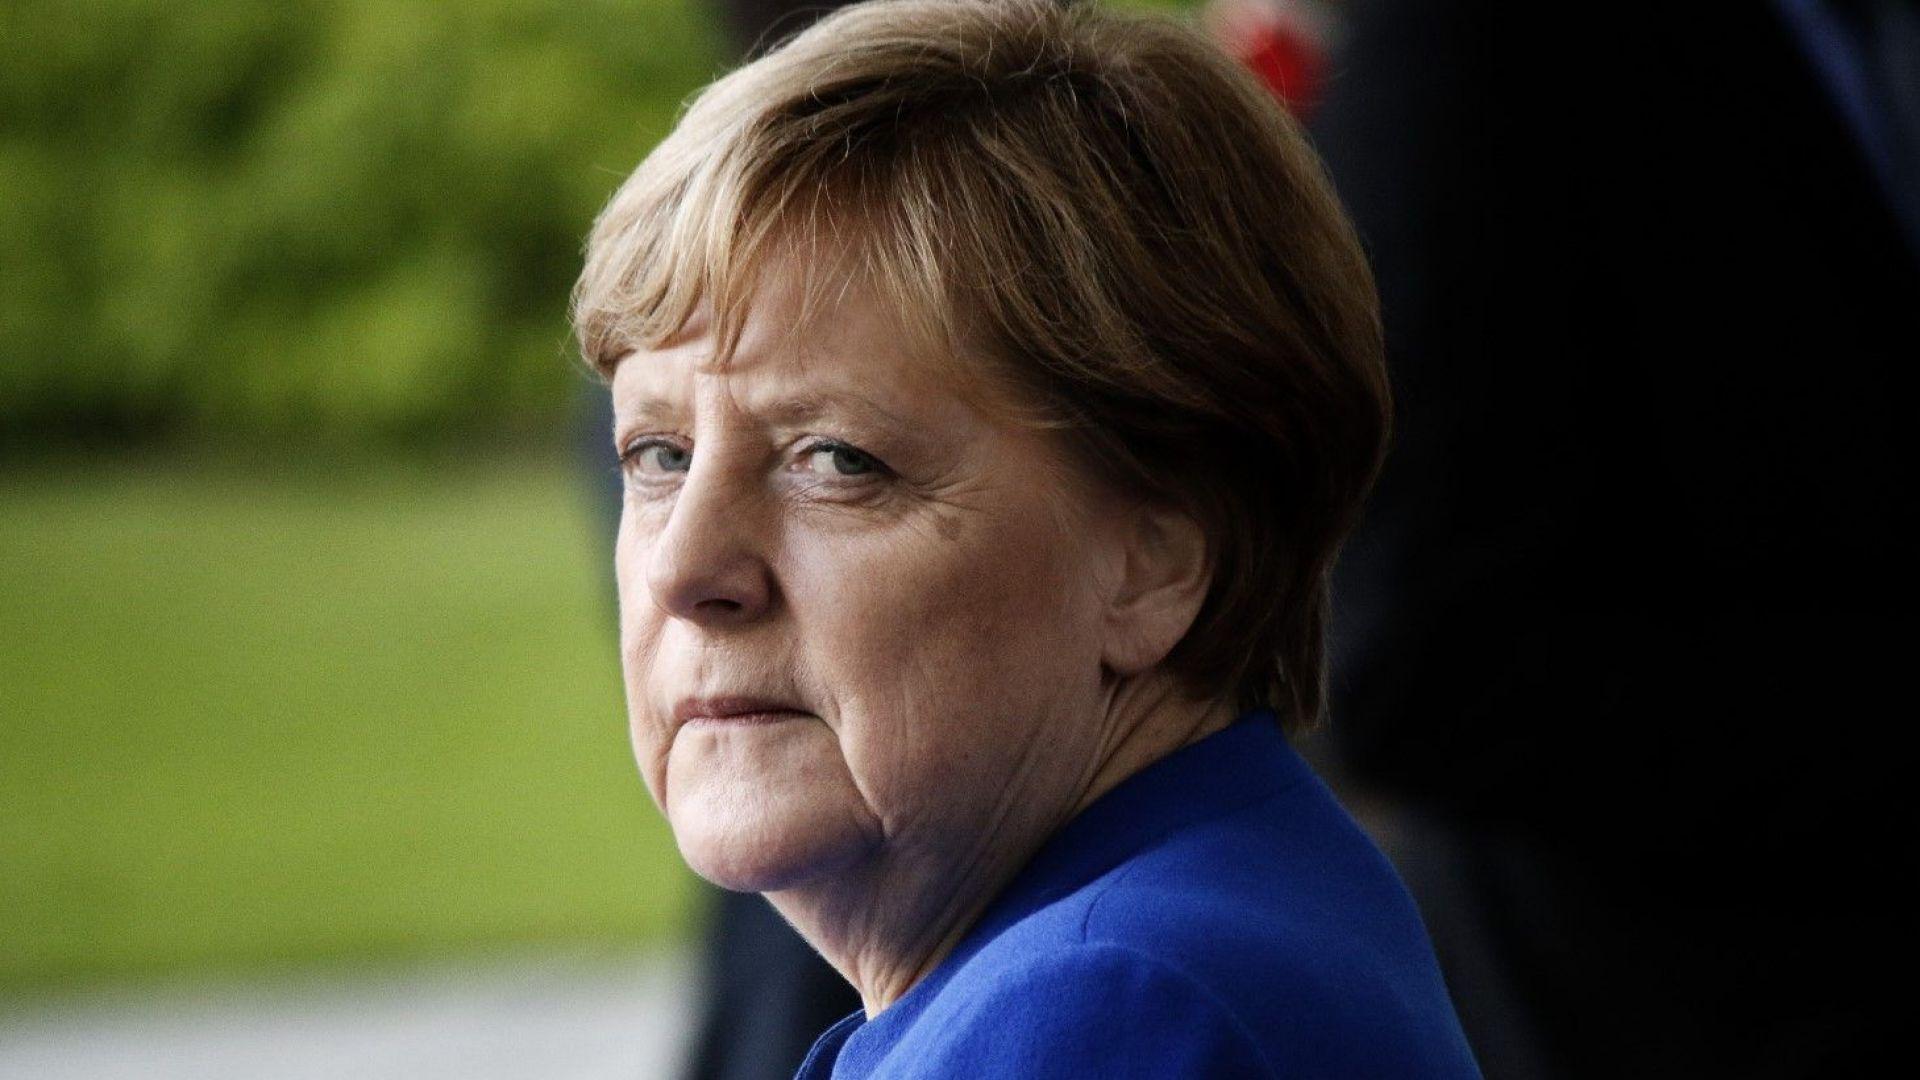 Четири сценария за слизането на Меркел от политическата сцена